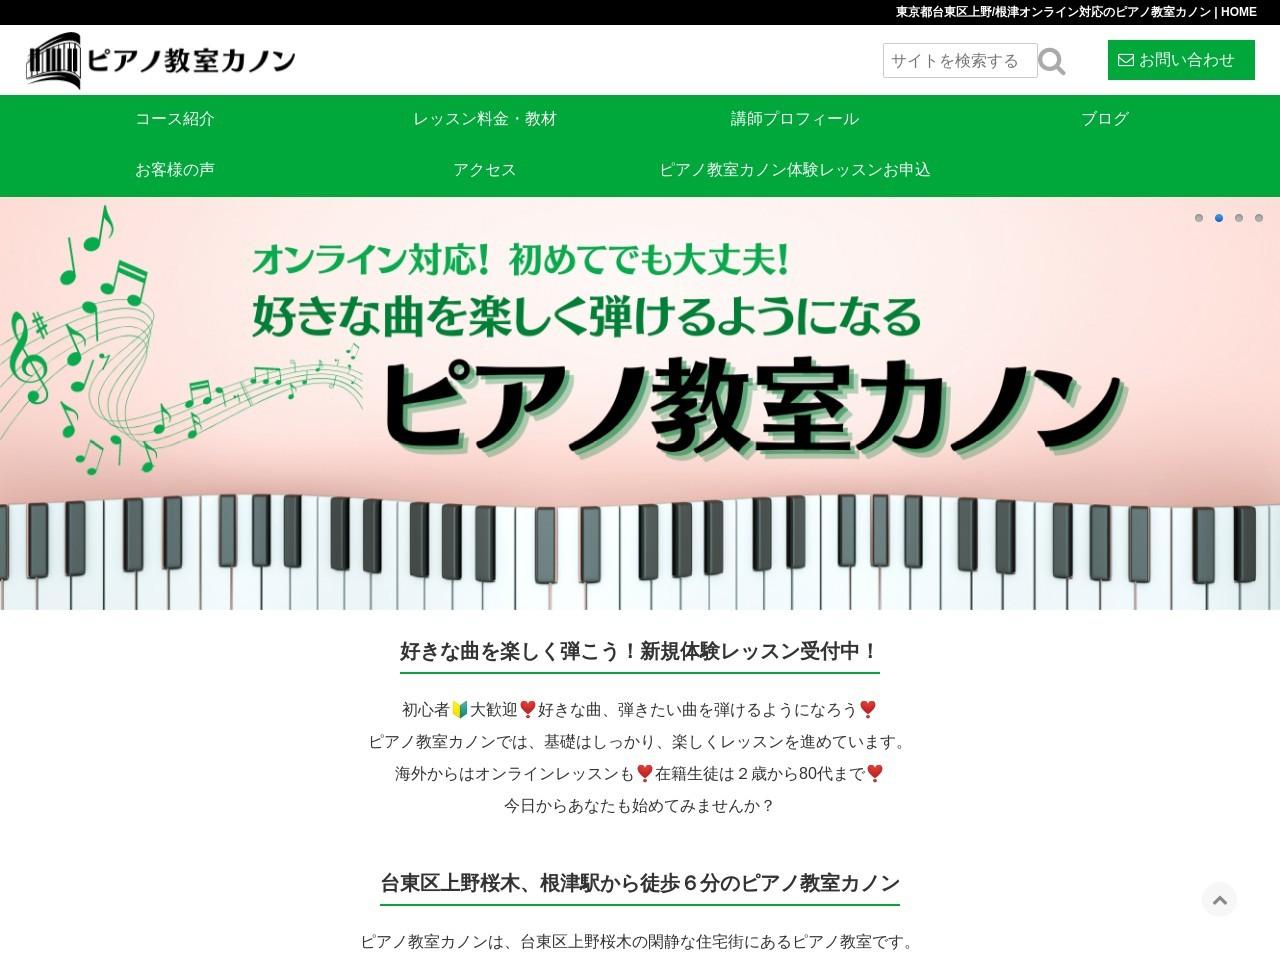 ピアノ教室カノンのサムネイル